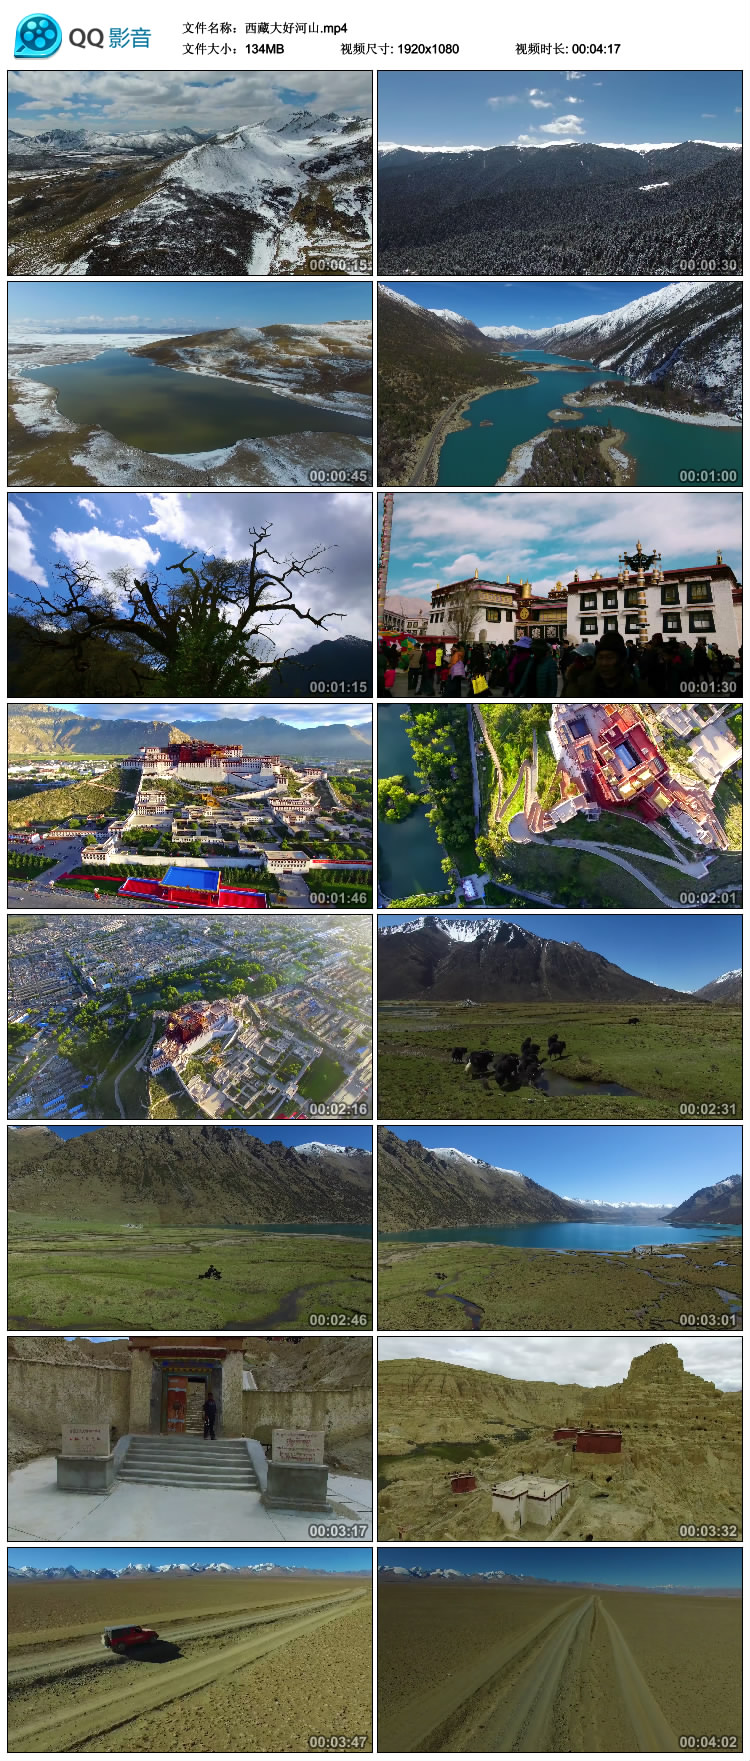 西藏雪山高原藏族文化雅鲁藏布江大峡谷布达拉宫高清实拍视频素材